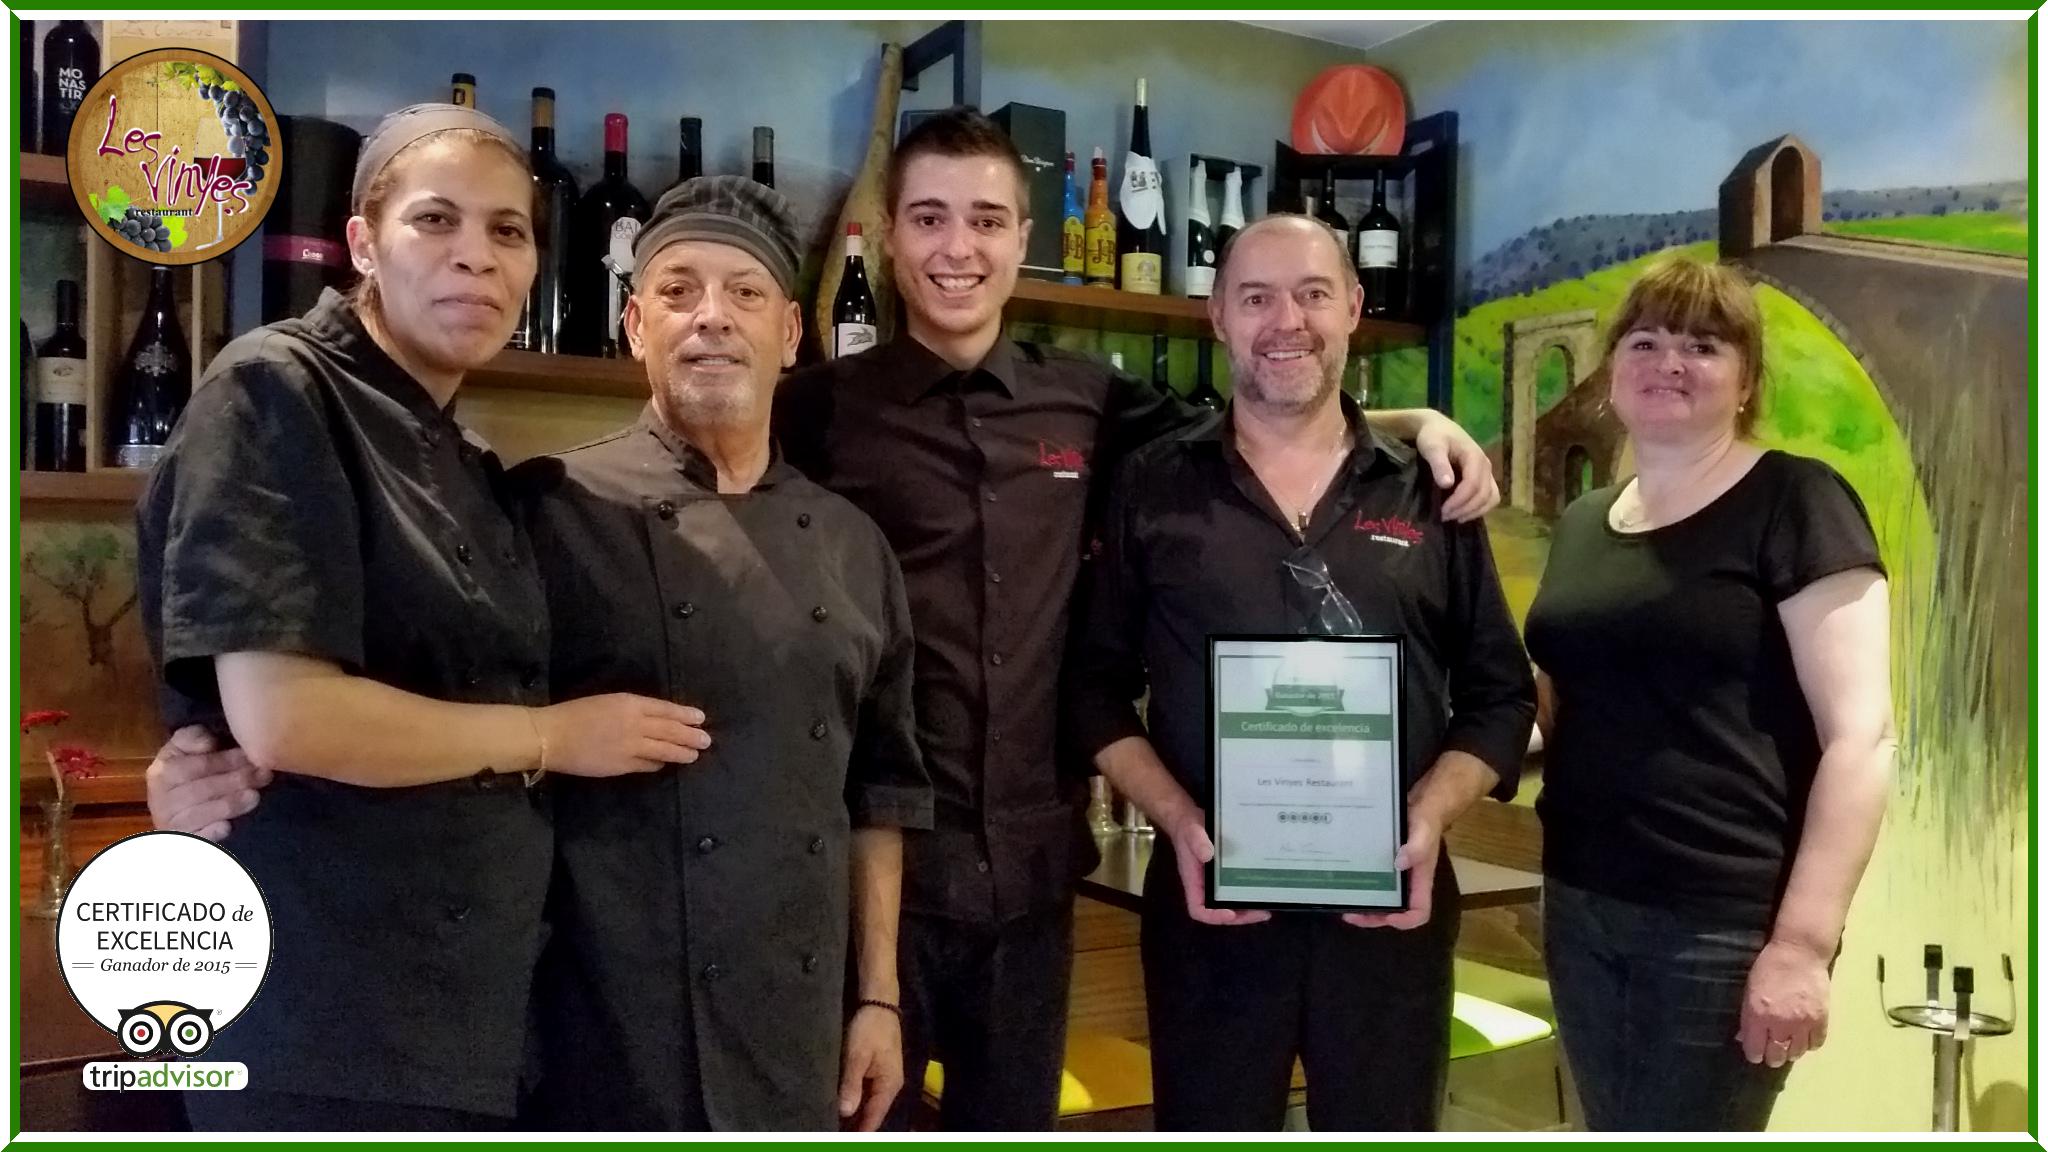 Hemos recibido el Premio a la Excelencia 2015 de @TripAdvisorES. Una foto con parte del equipo de Les Vinyes mostrando, con orgullo, el #CertificateOfExcellence